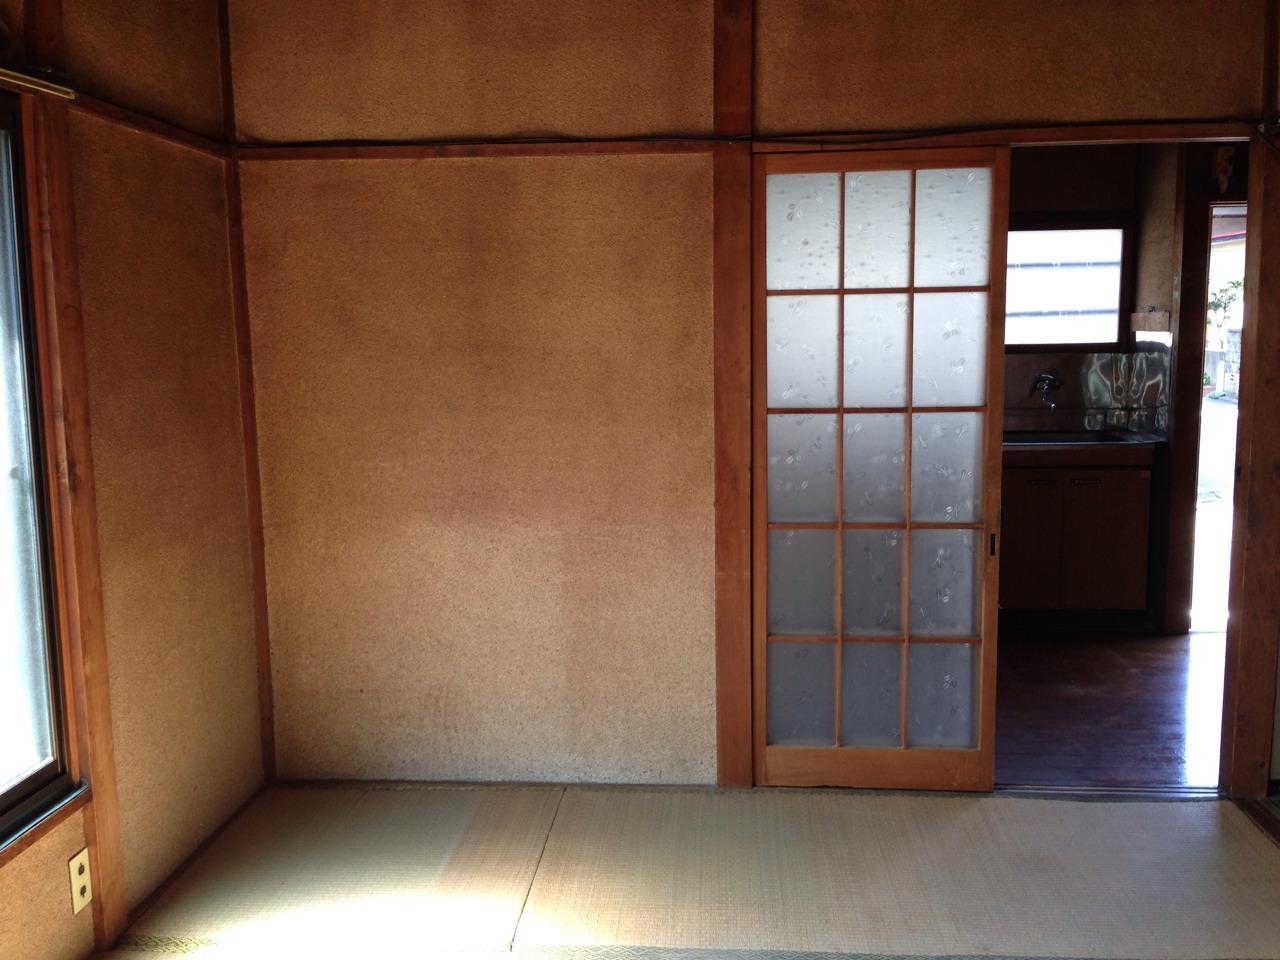 宮城県仙台市青葉区にお住まいのI.K様の不用品回収後のお部屋の画像